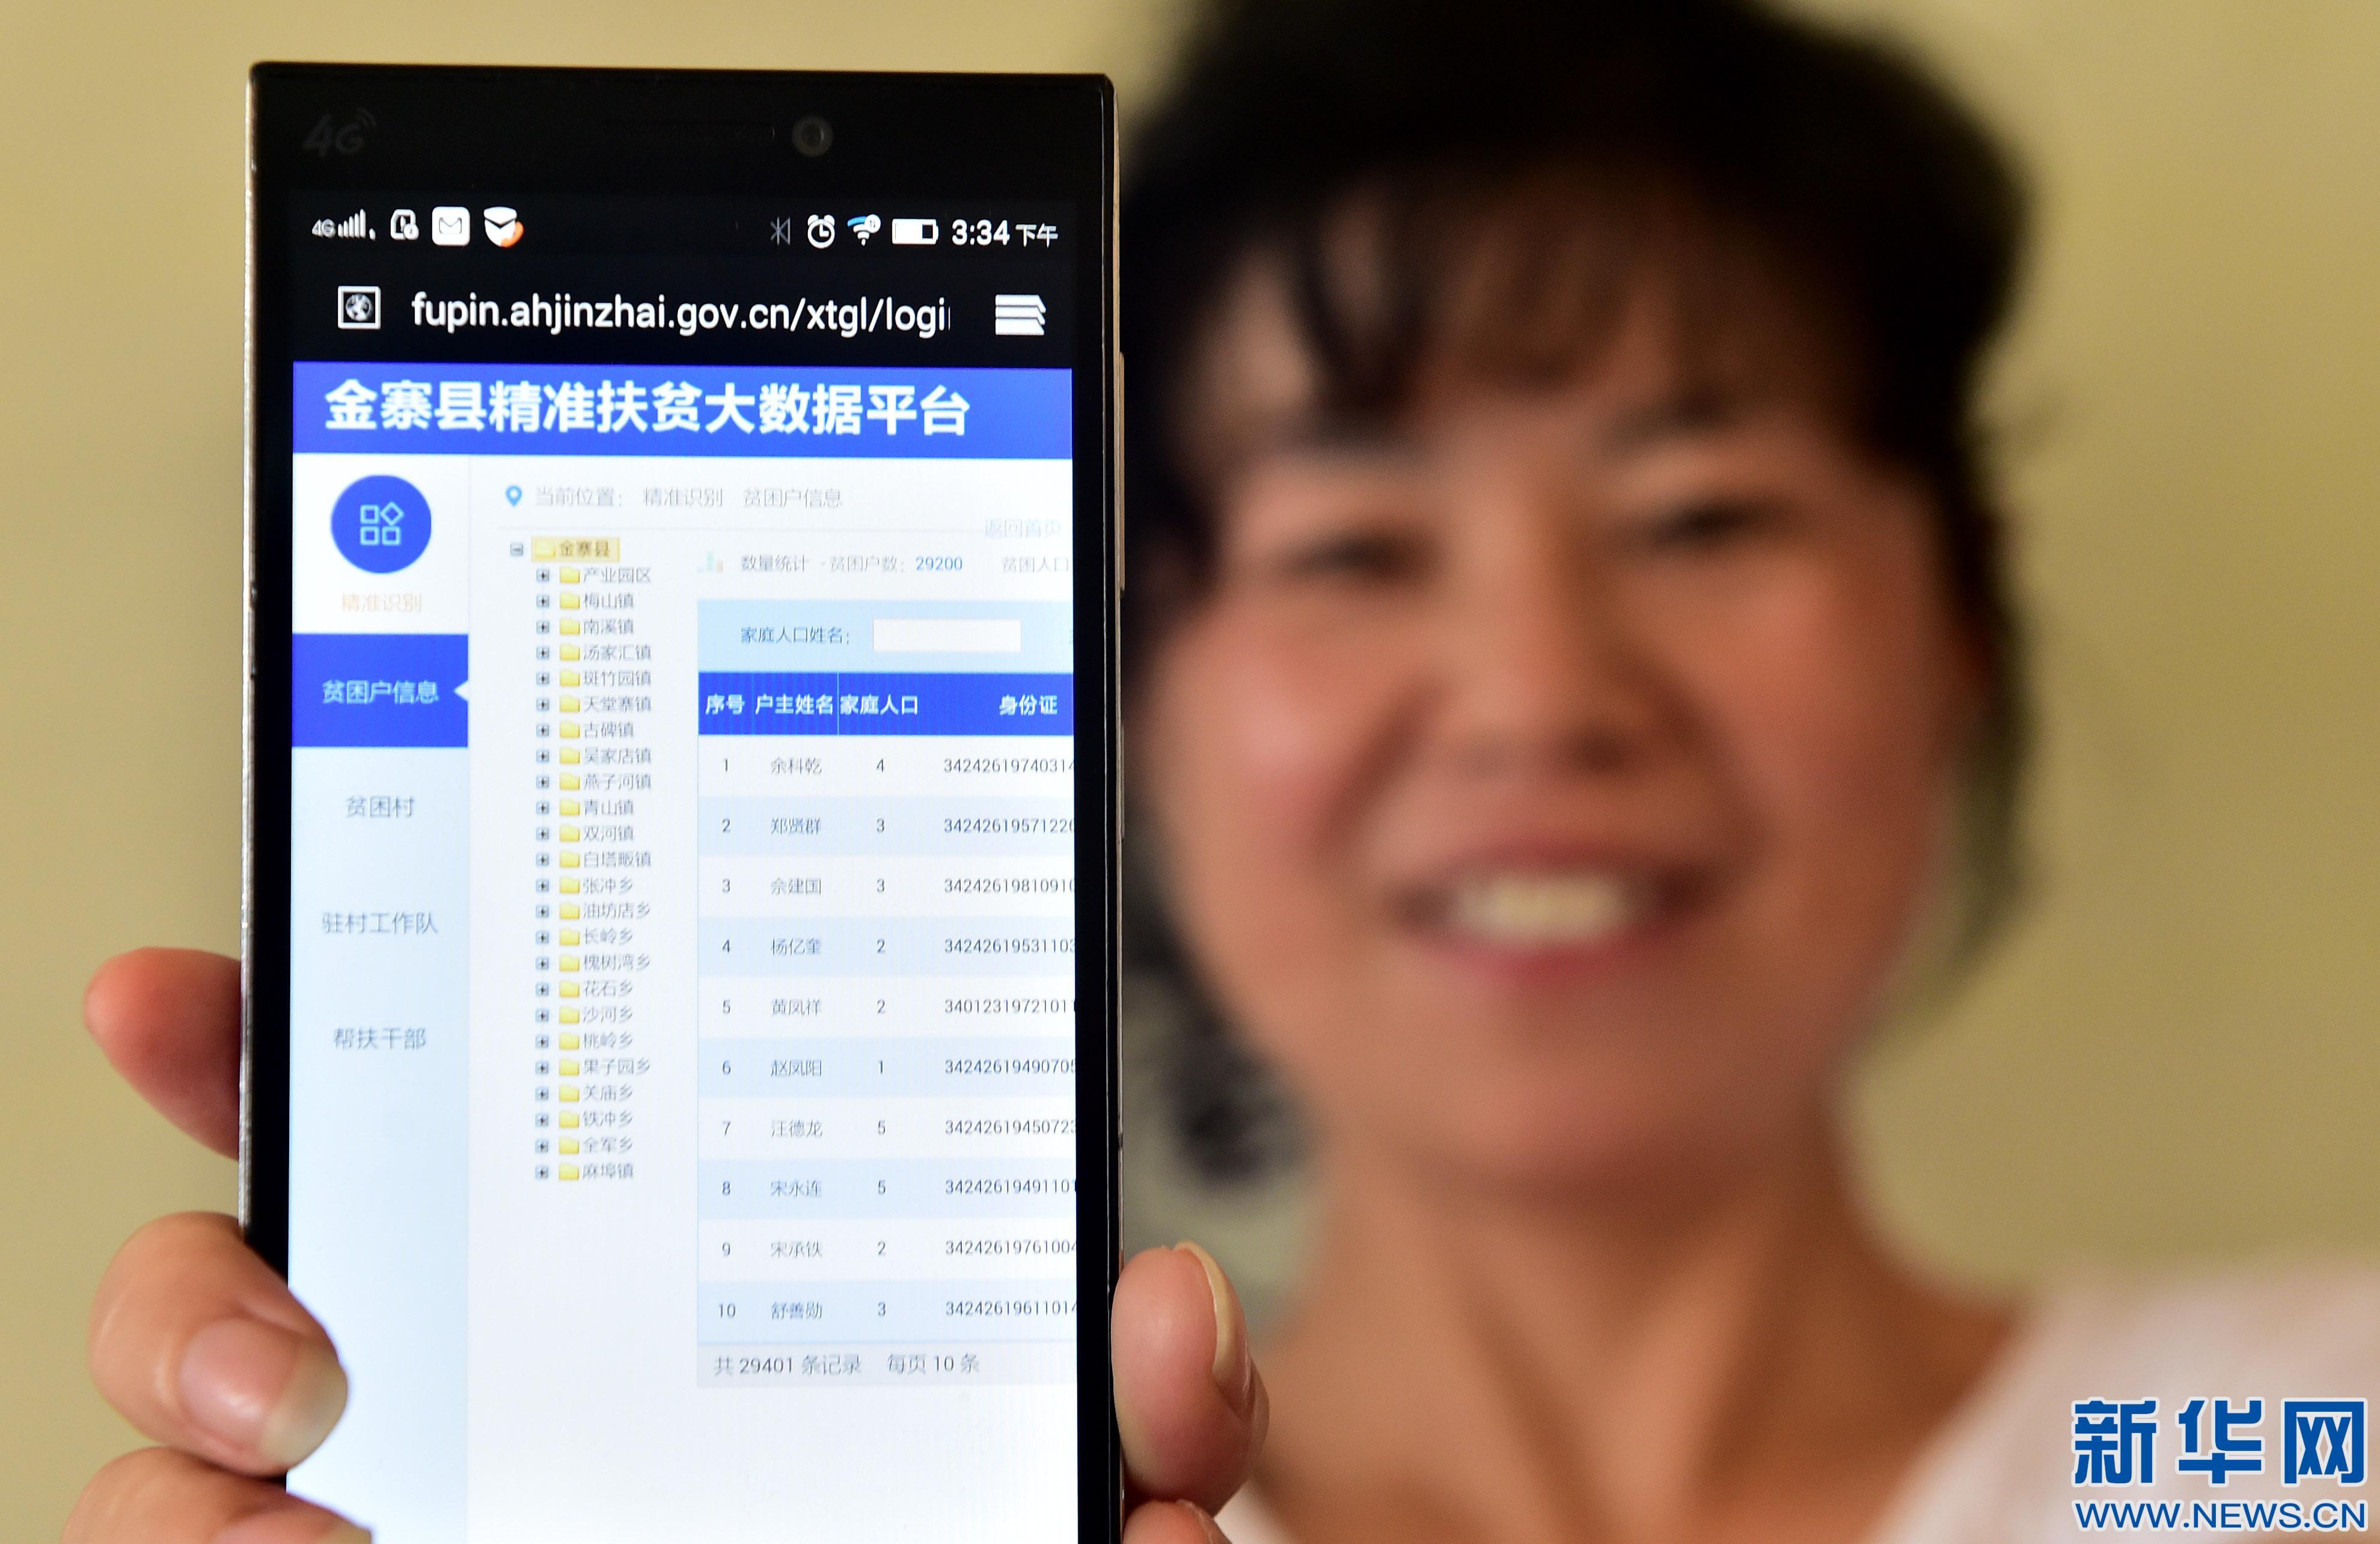 安徽金寨:大数据助力精准扶贫